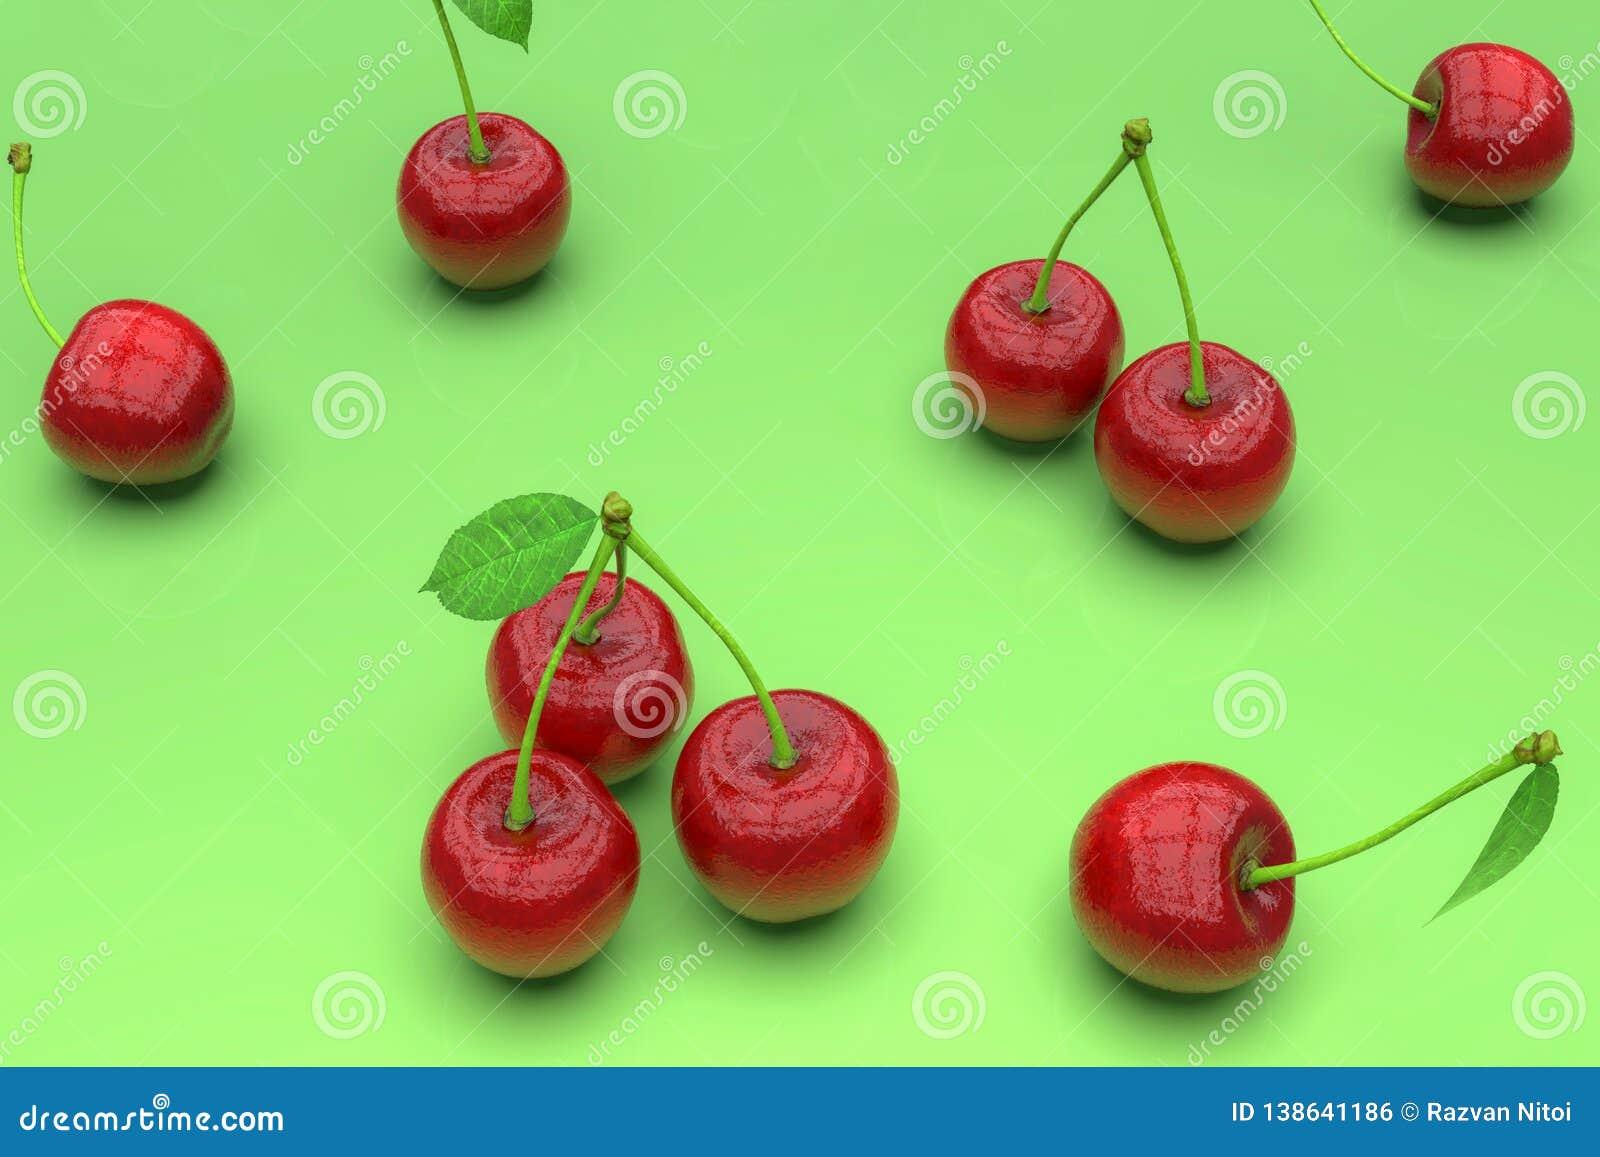 Köstliche rote Kirschen auf grünem Hintergrund